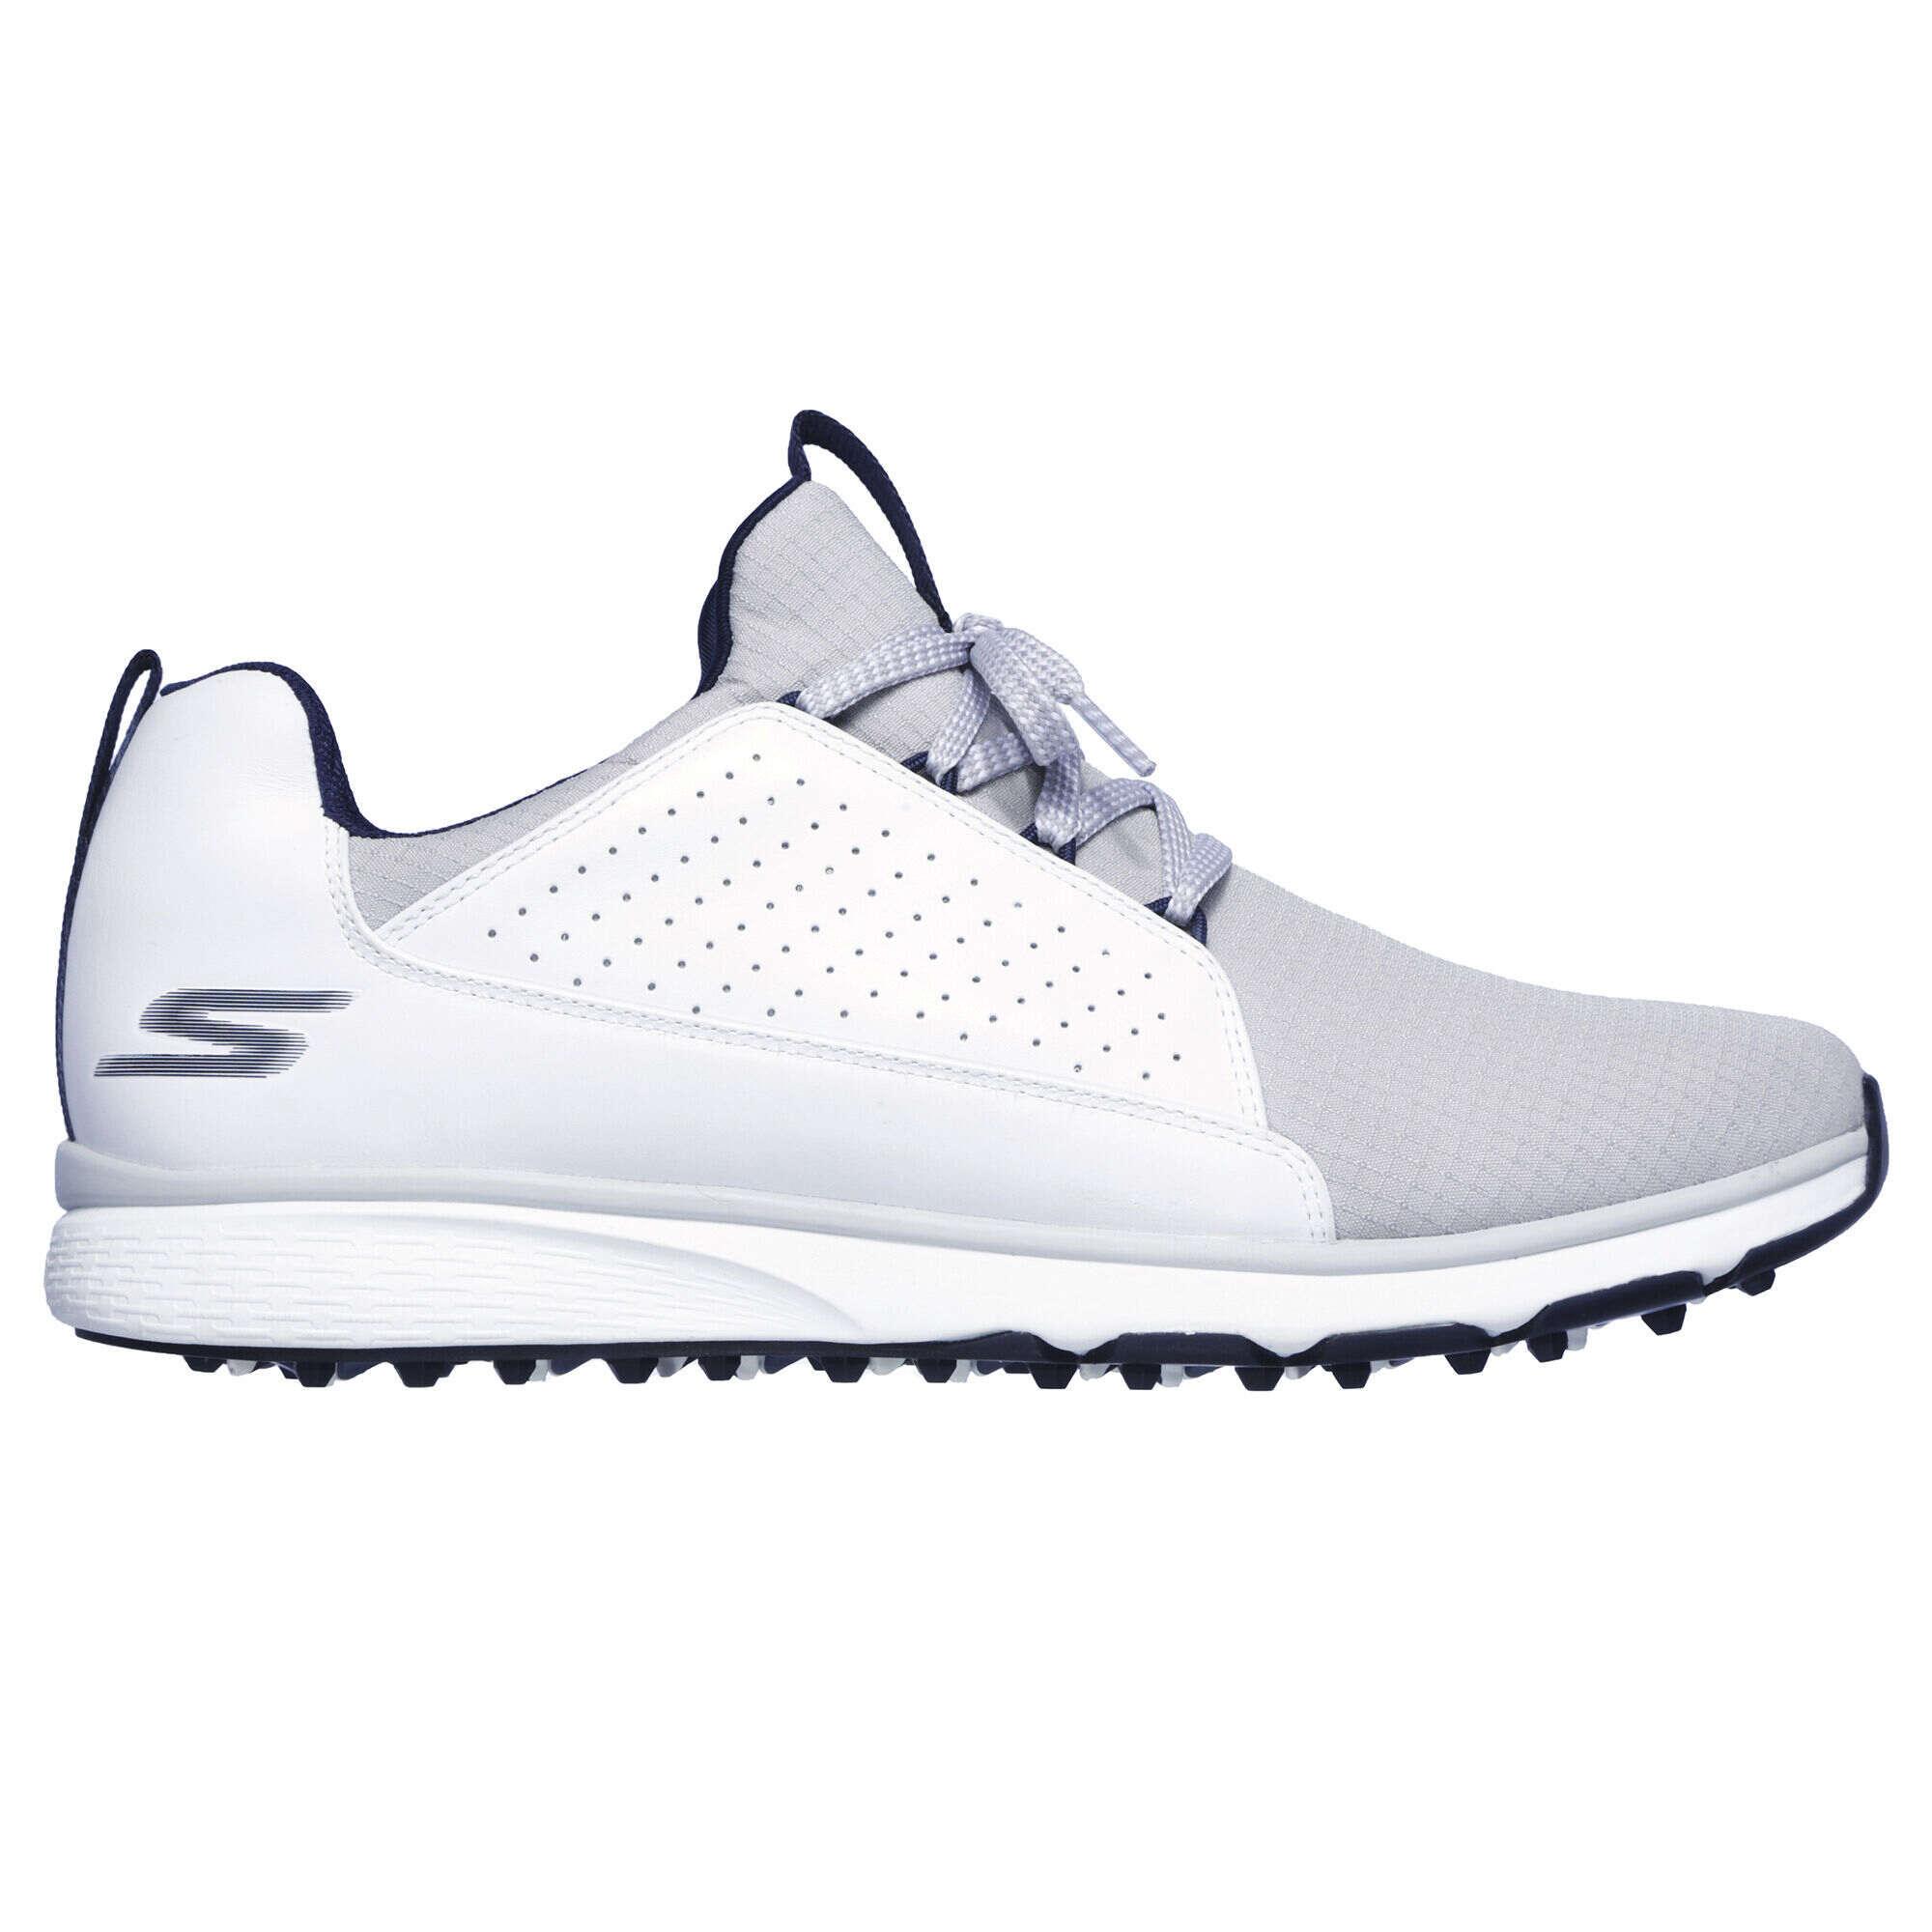 SKECHERS Mojo Elite Men's Golf Shoe